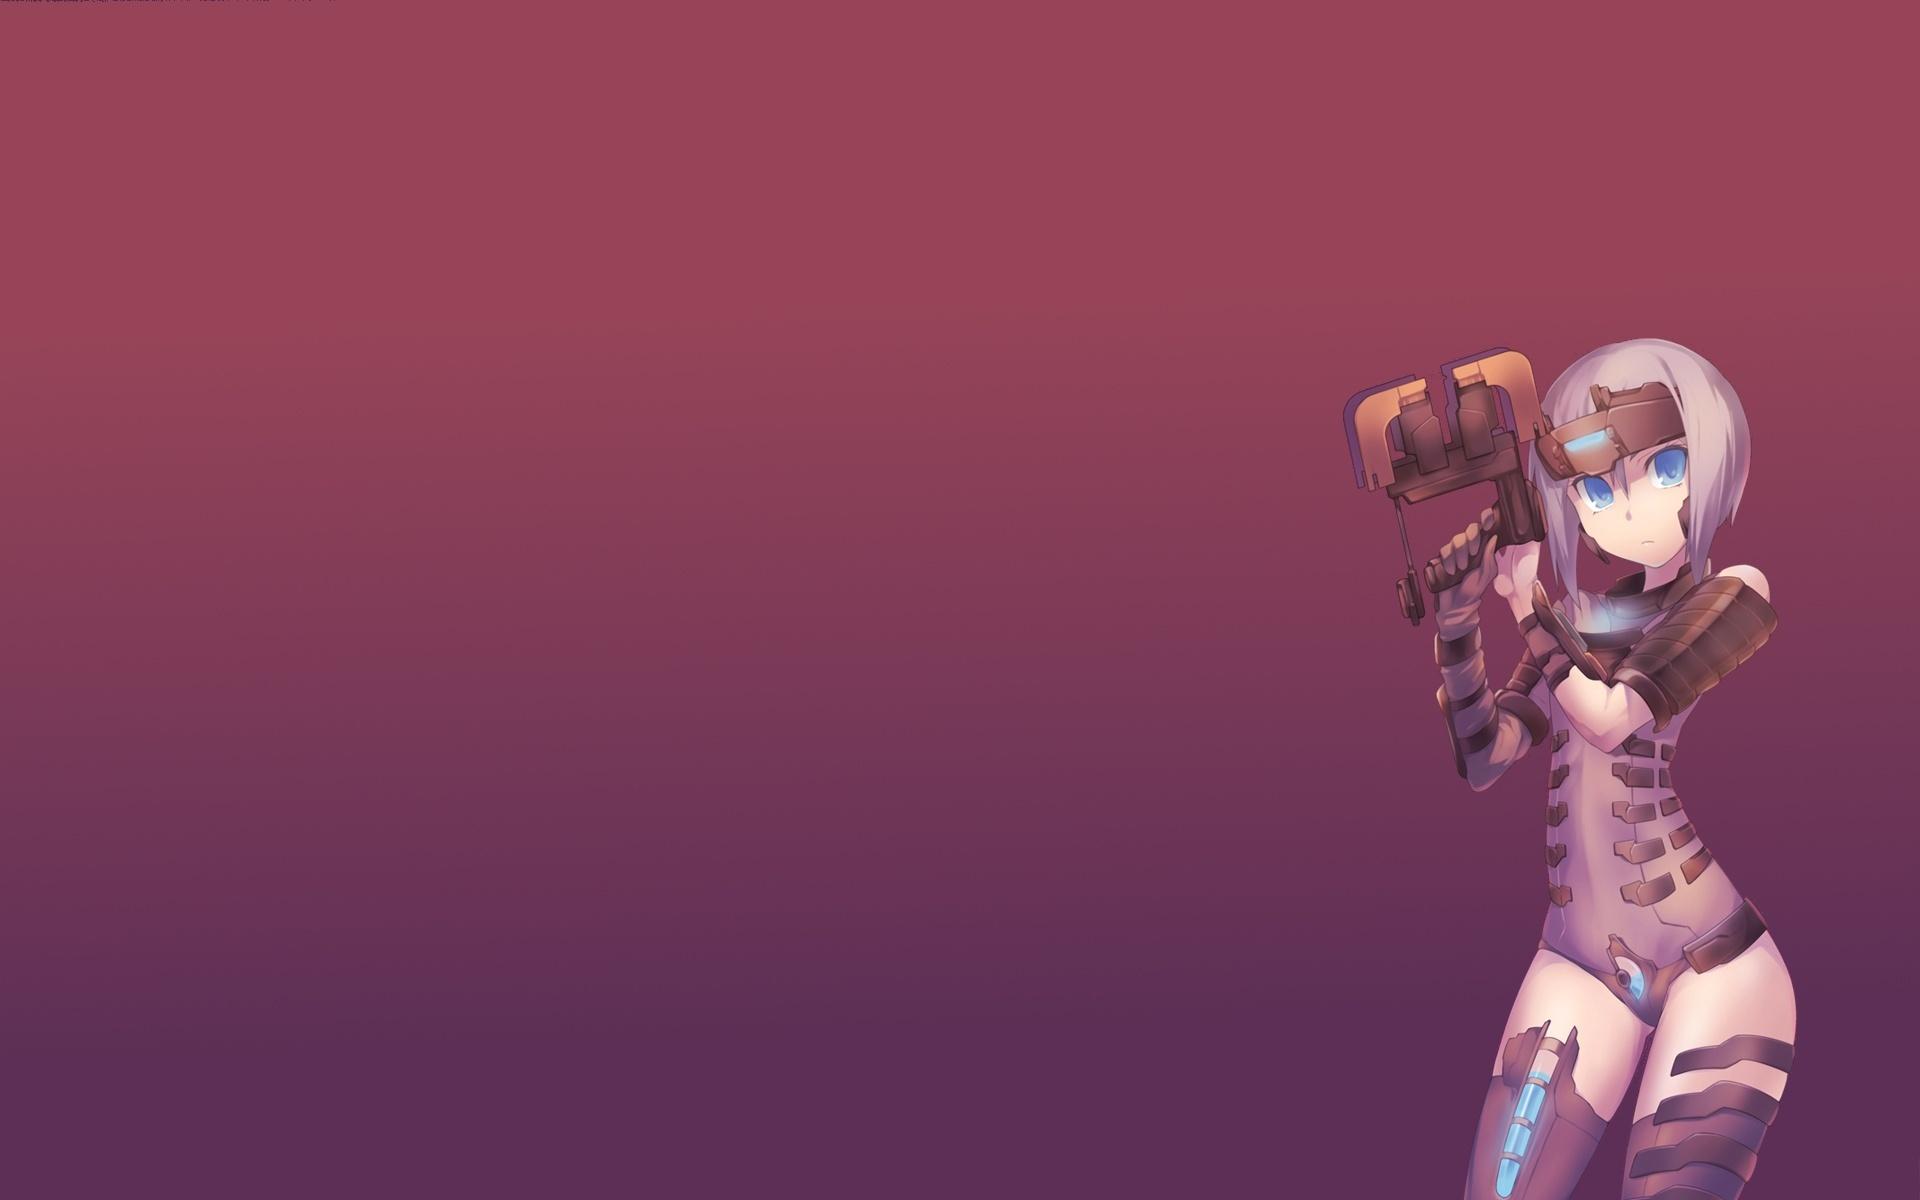 Dead Space Wallpaper 882111 Zerochan Anime Image Board